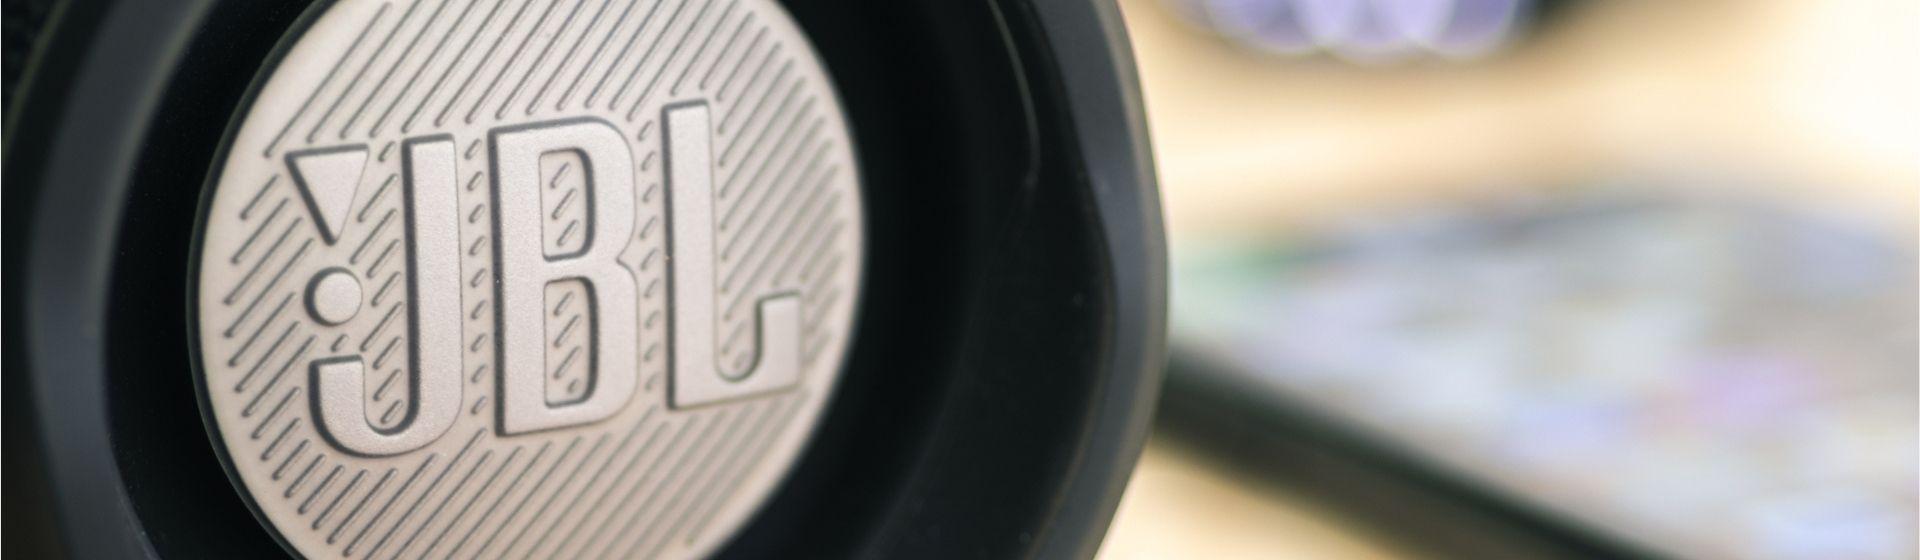 Caixas de som Bluetooth mais vendidas em março: JBL Go 2 lidera